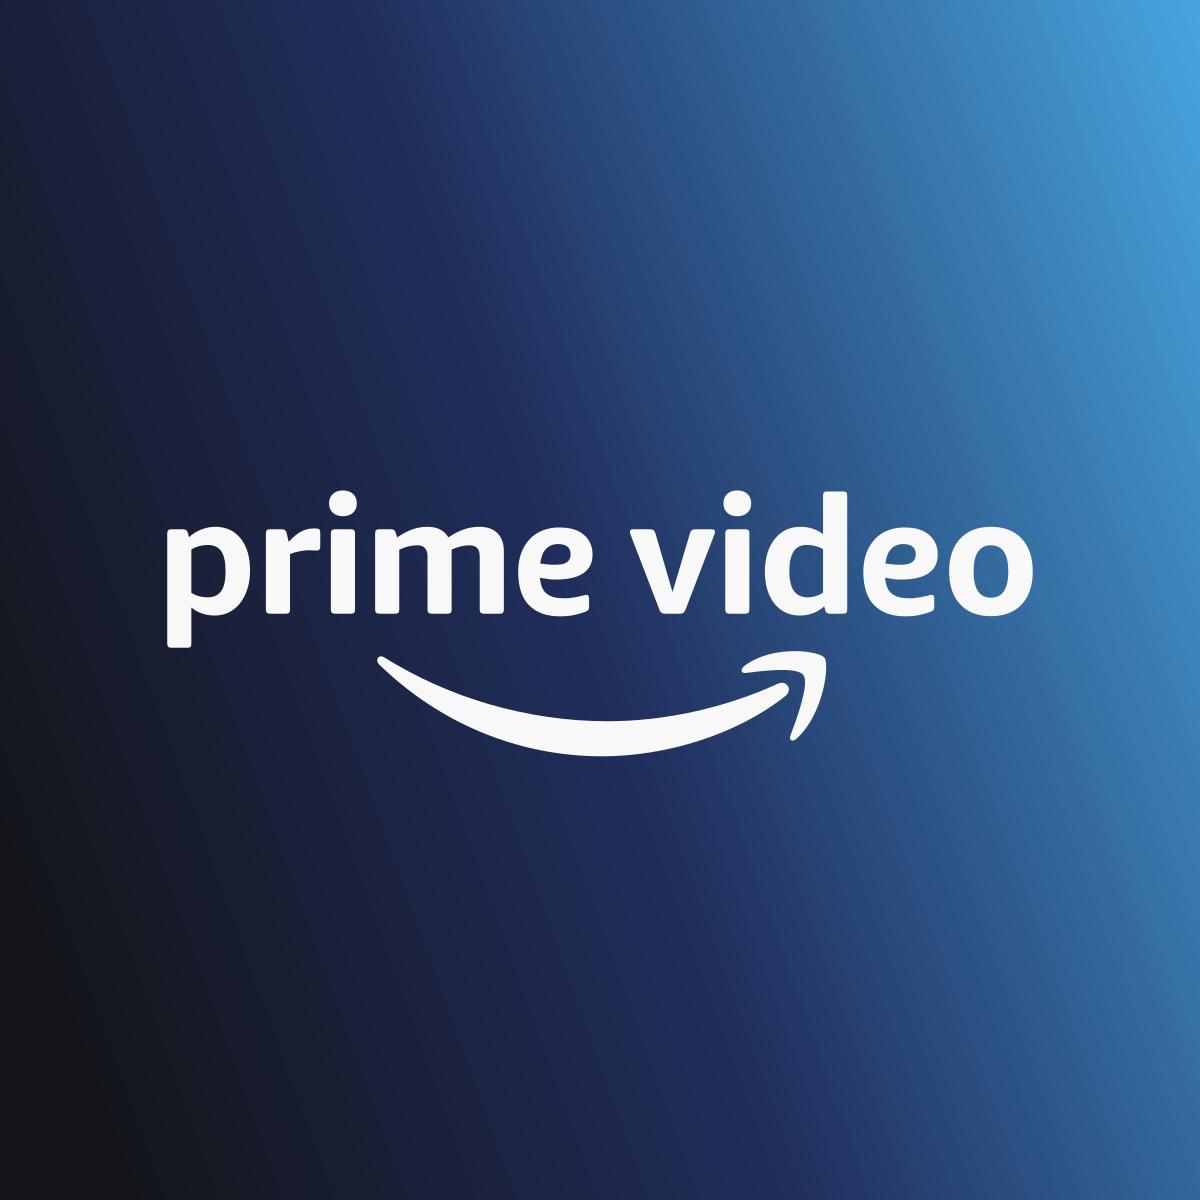 Disfruta de 'Solos' todas las veces que quieras con Amazon Prime Video, que puedes probar gratis durante 30 días.